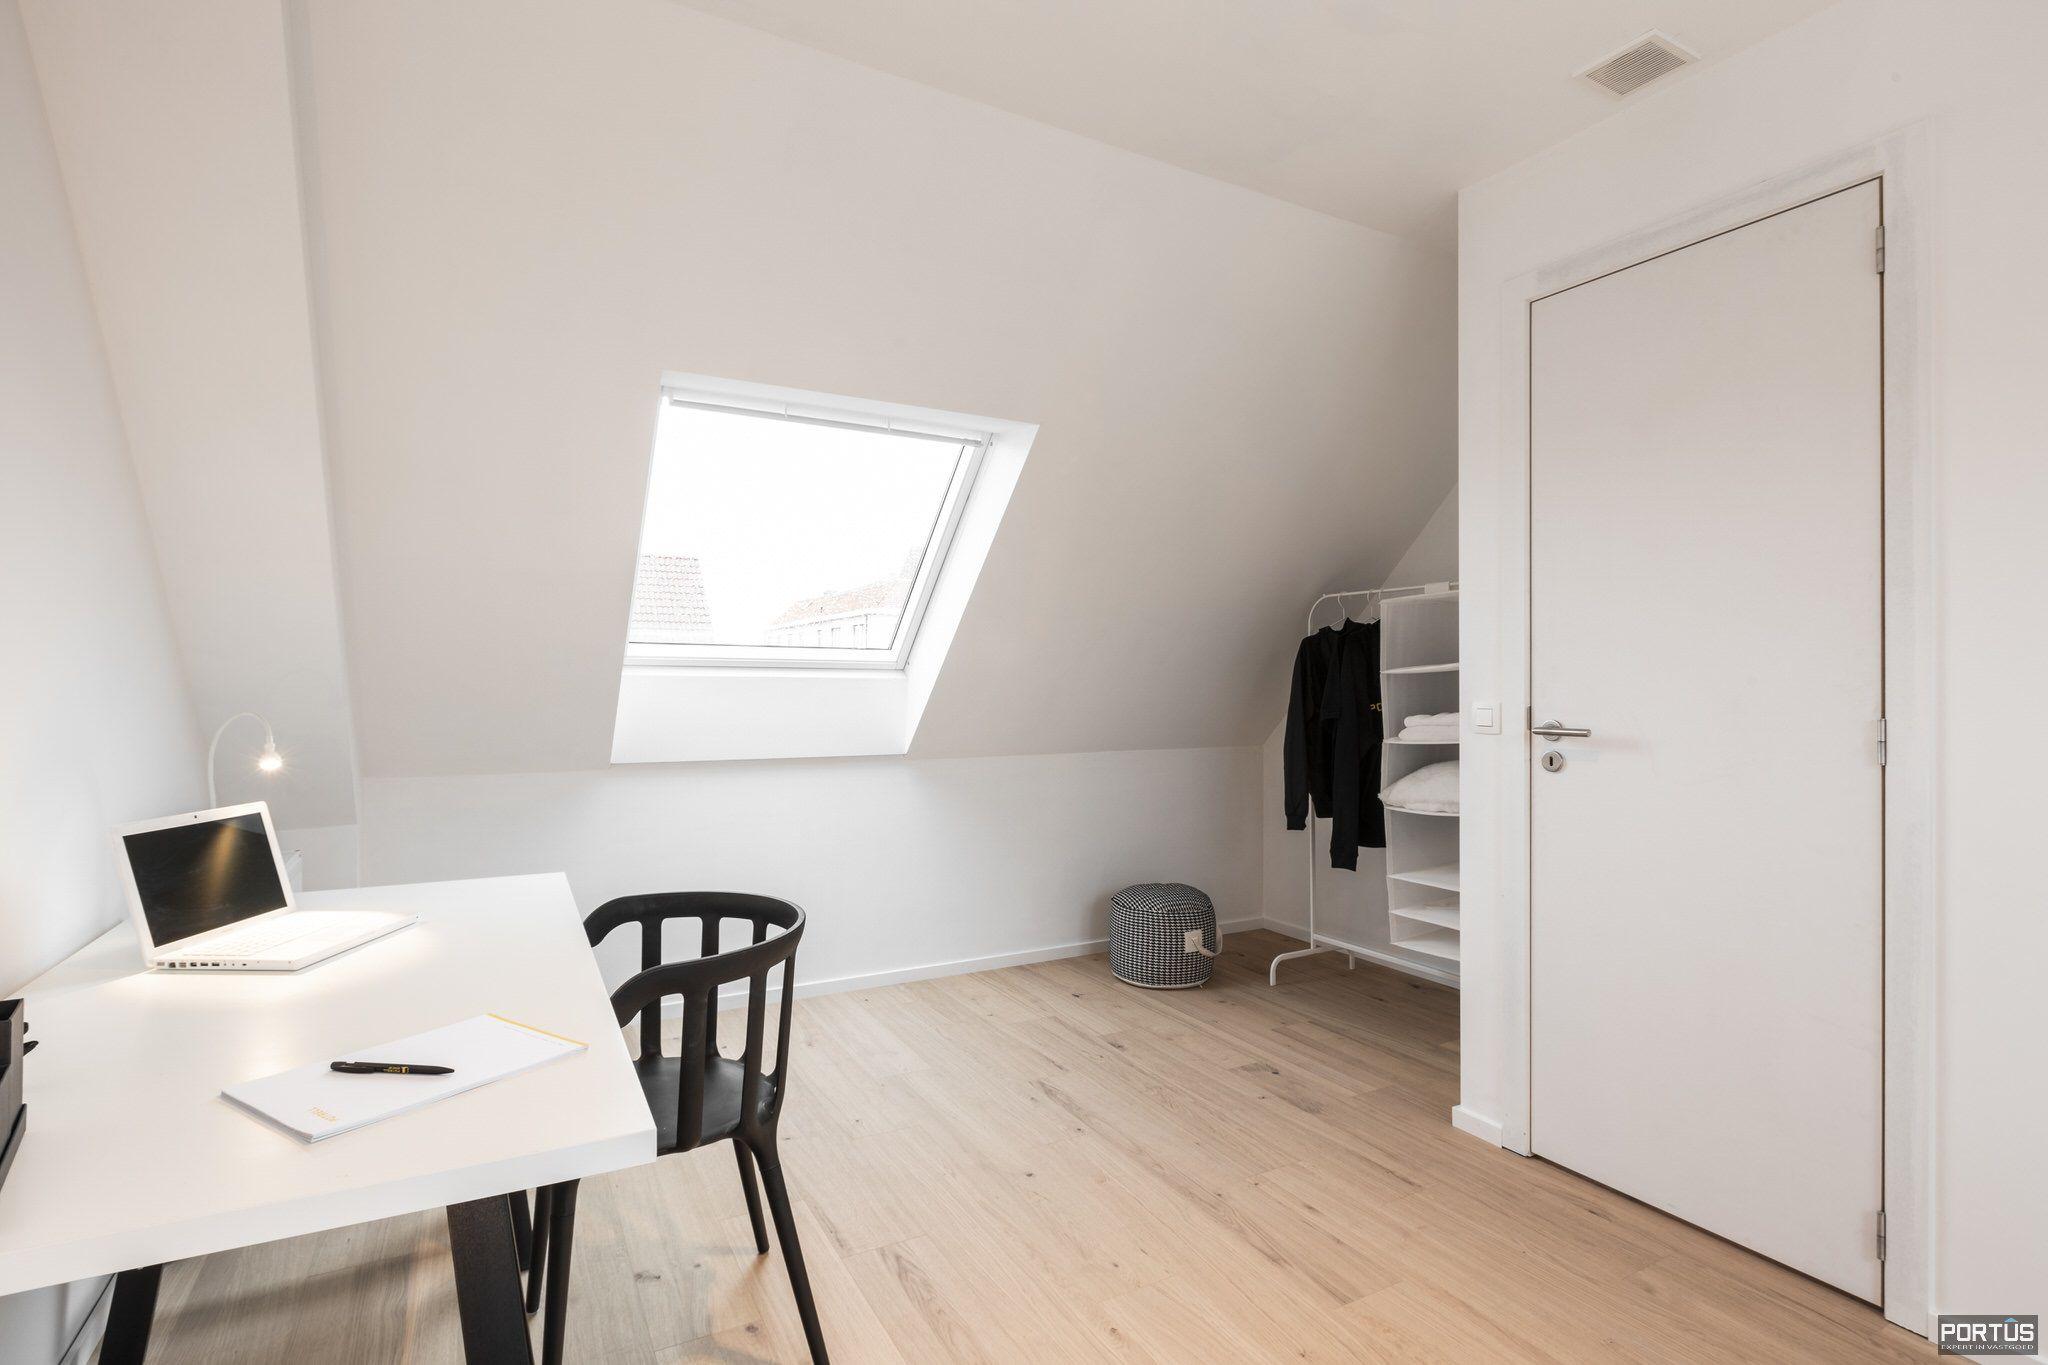 Nieuwbouwwoning met 4 slaapkamers te koop te Lombardsijde - 12144